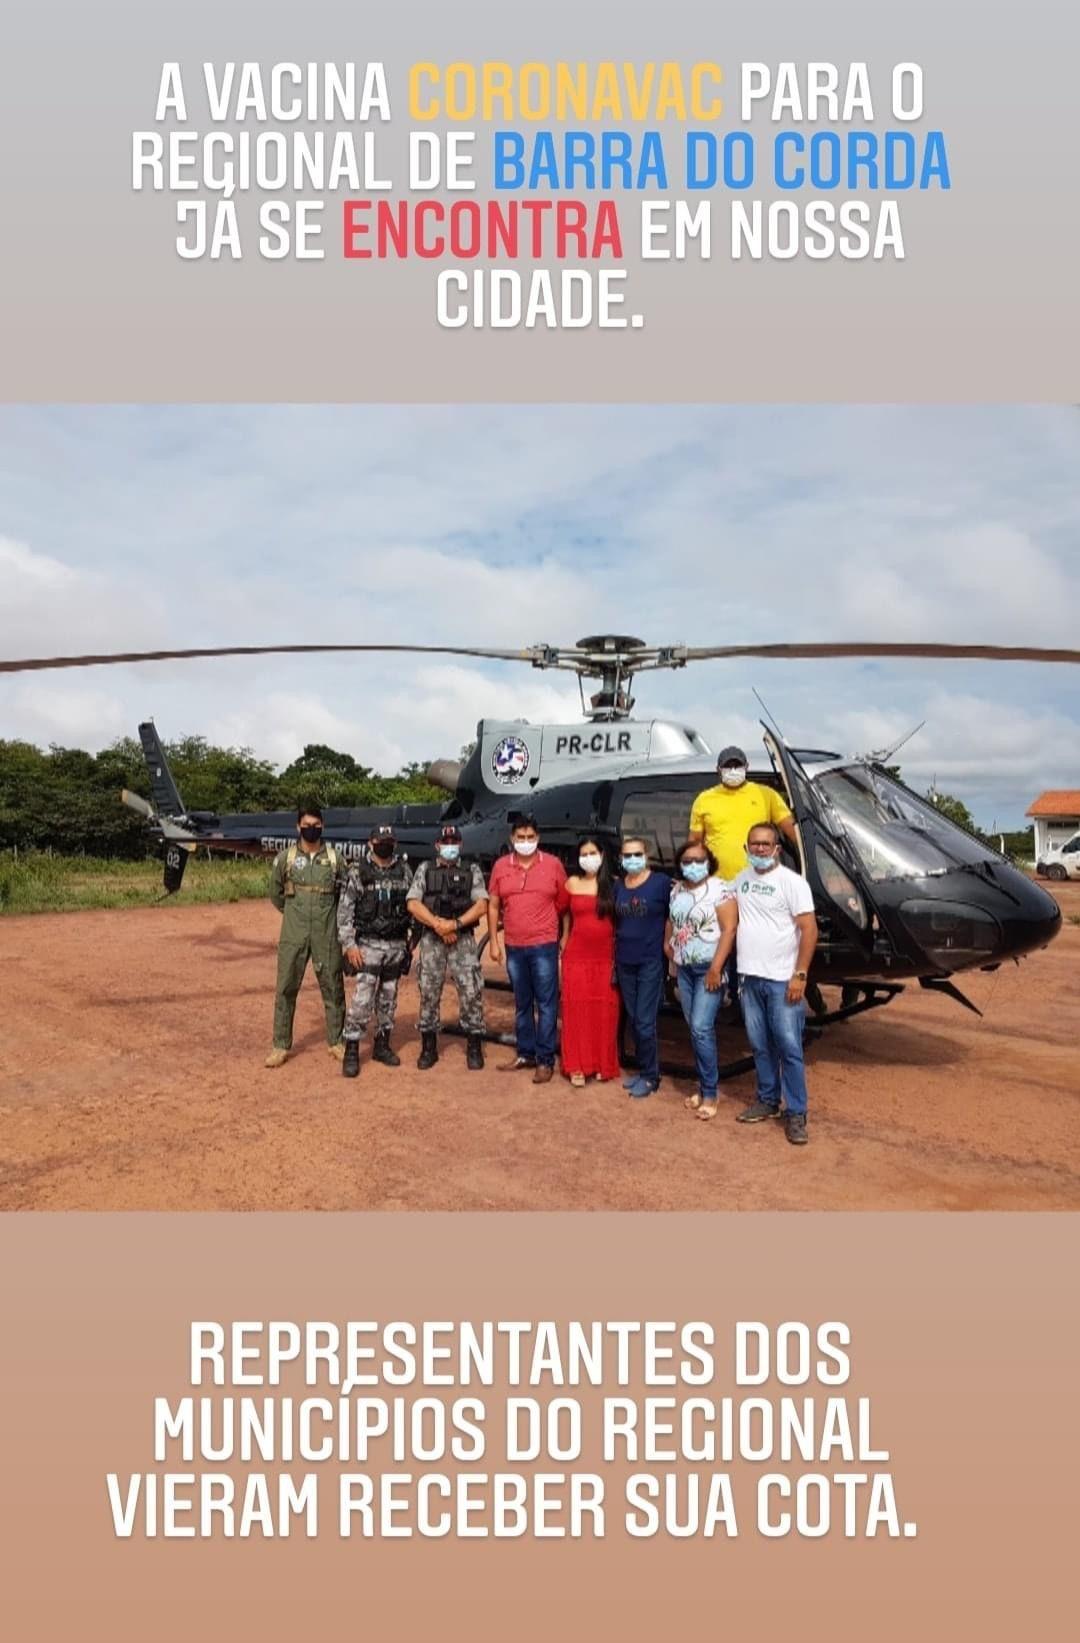 Vacina contra o coronavírus chega em Barra do Corda na manhã desta terça-feira, 19 de janeiro